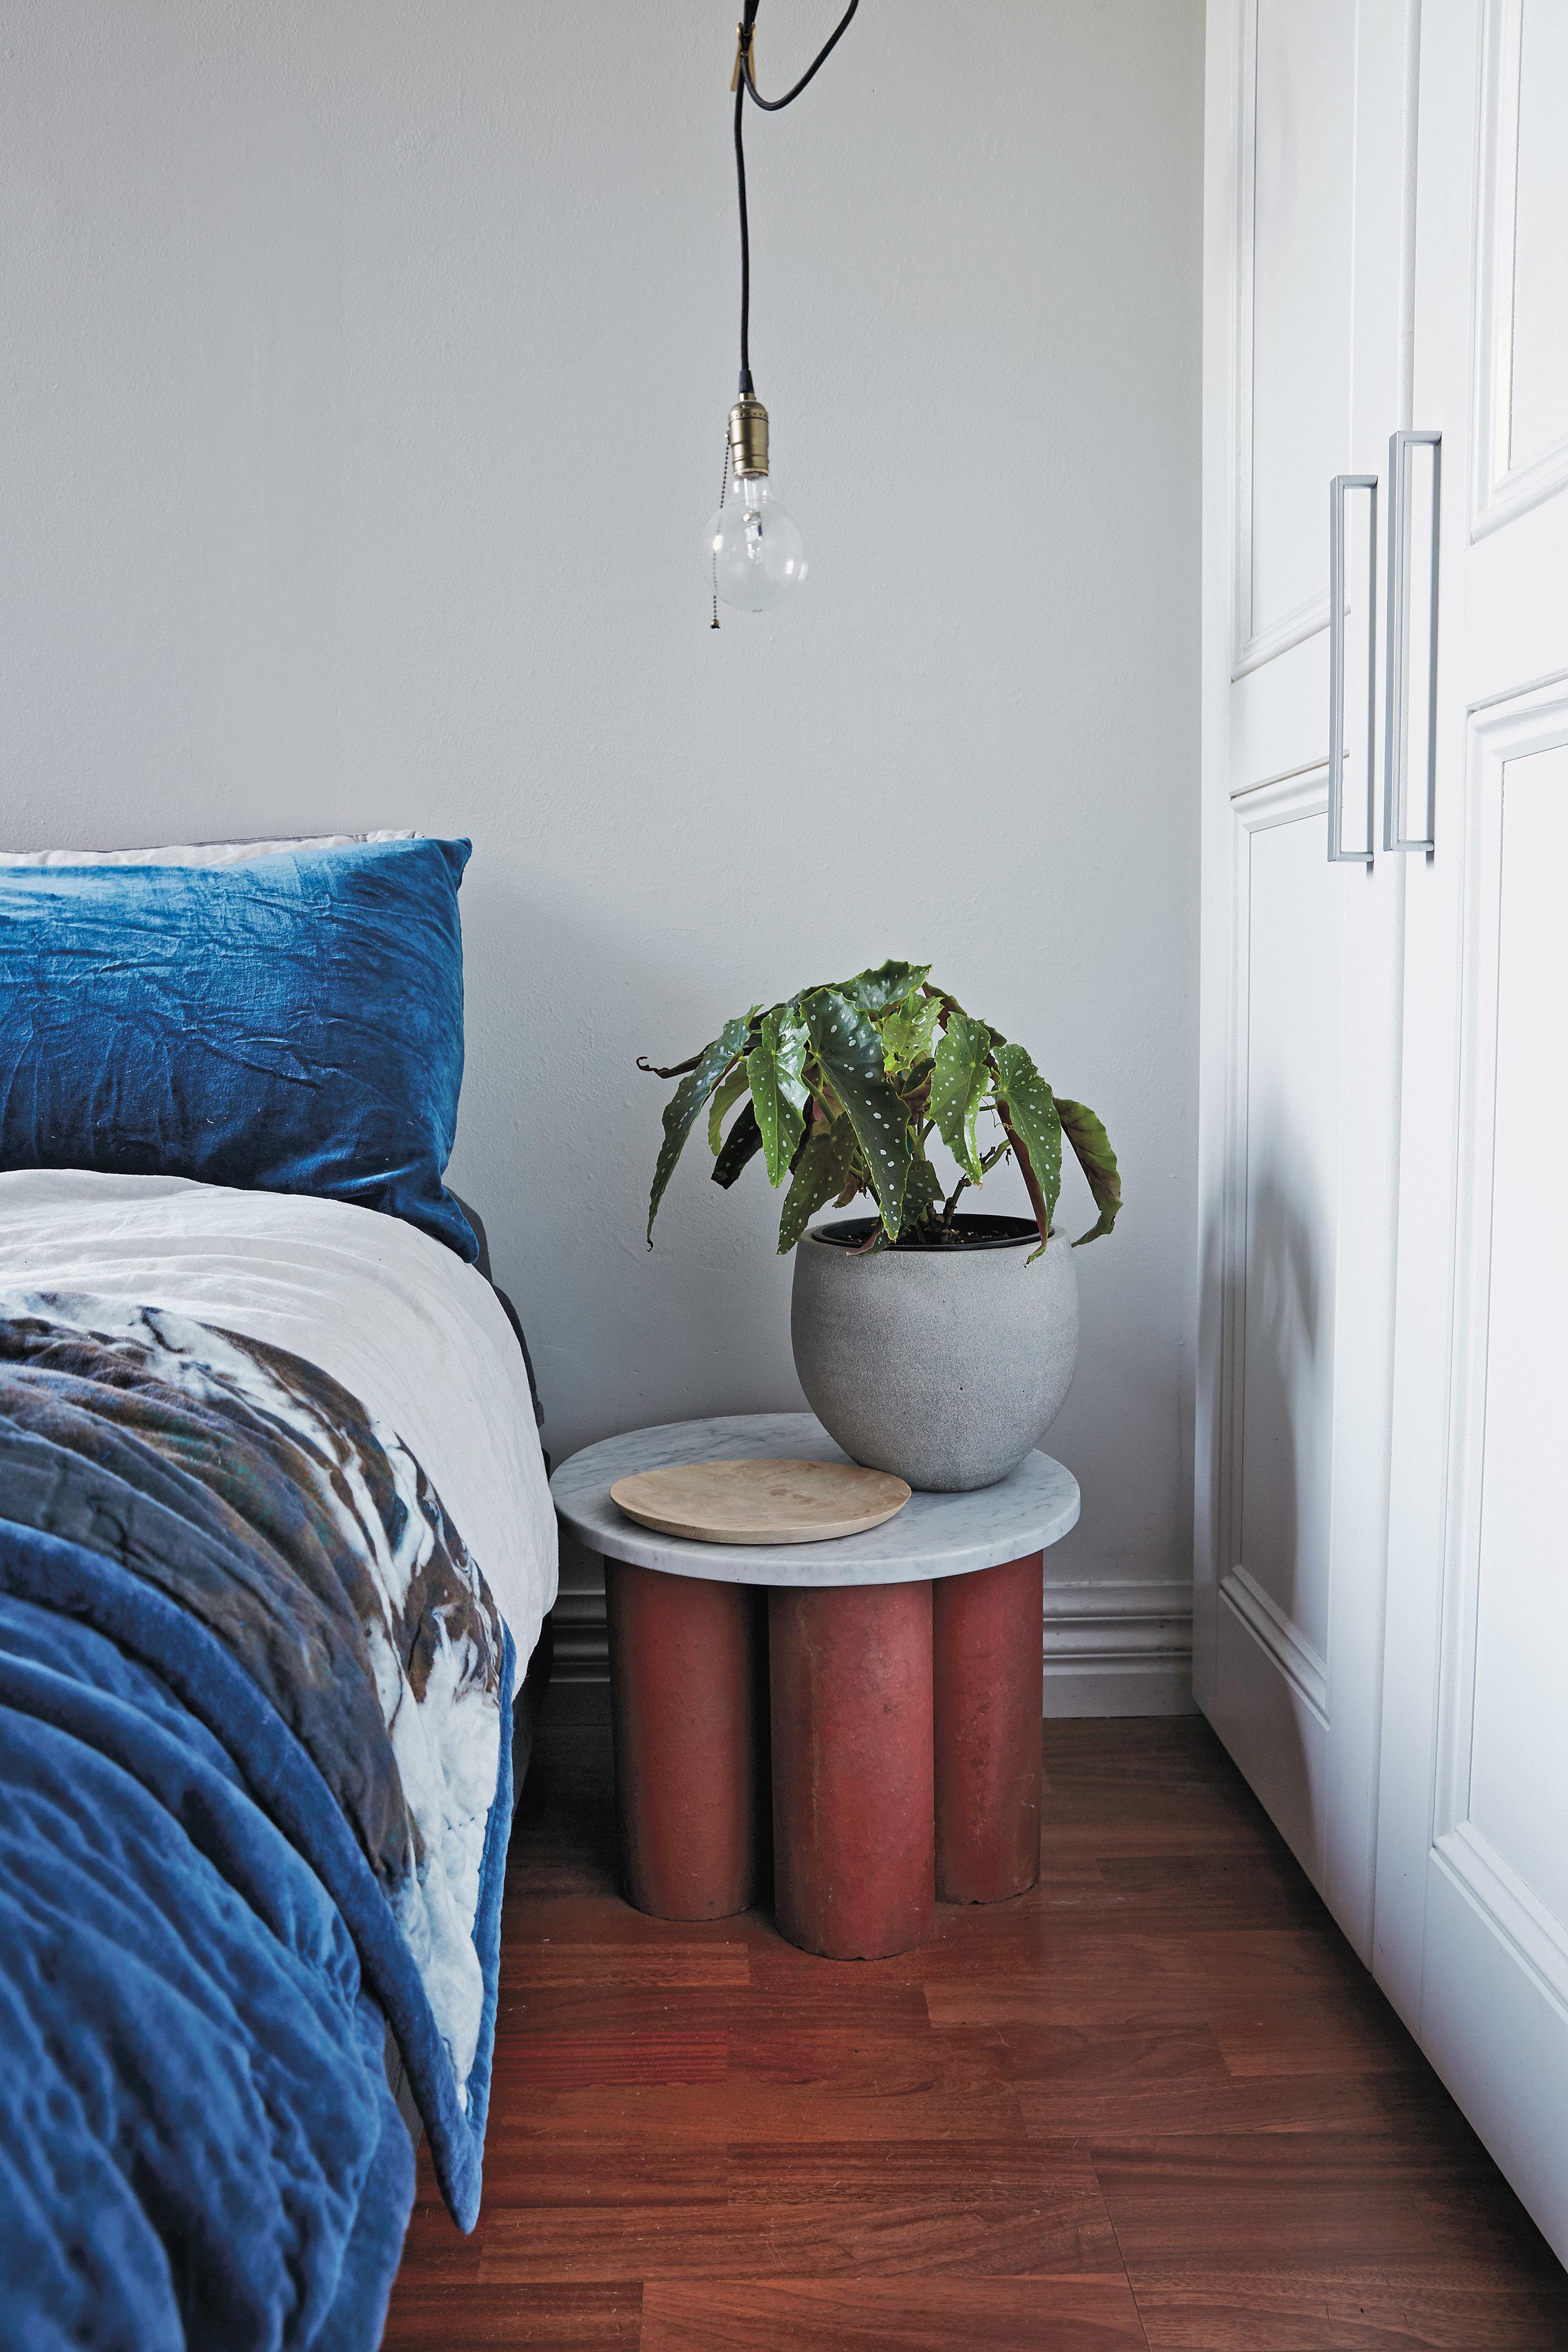 Plants in the bedroom.